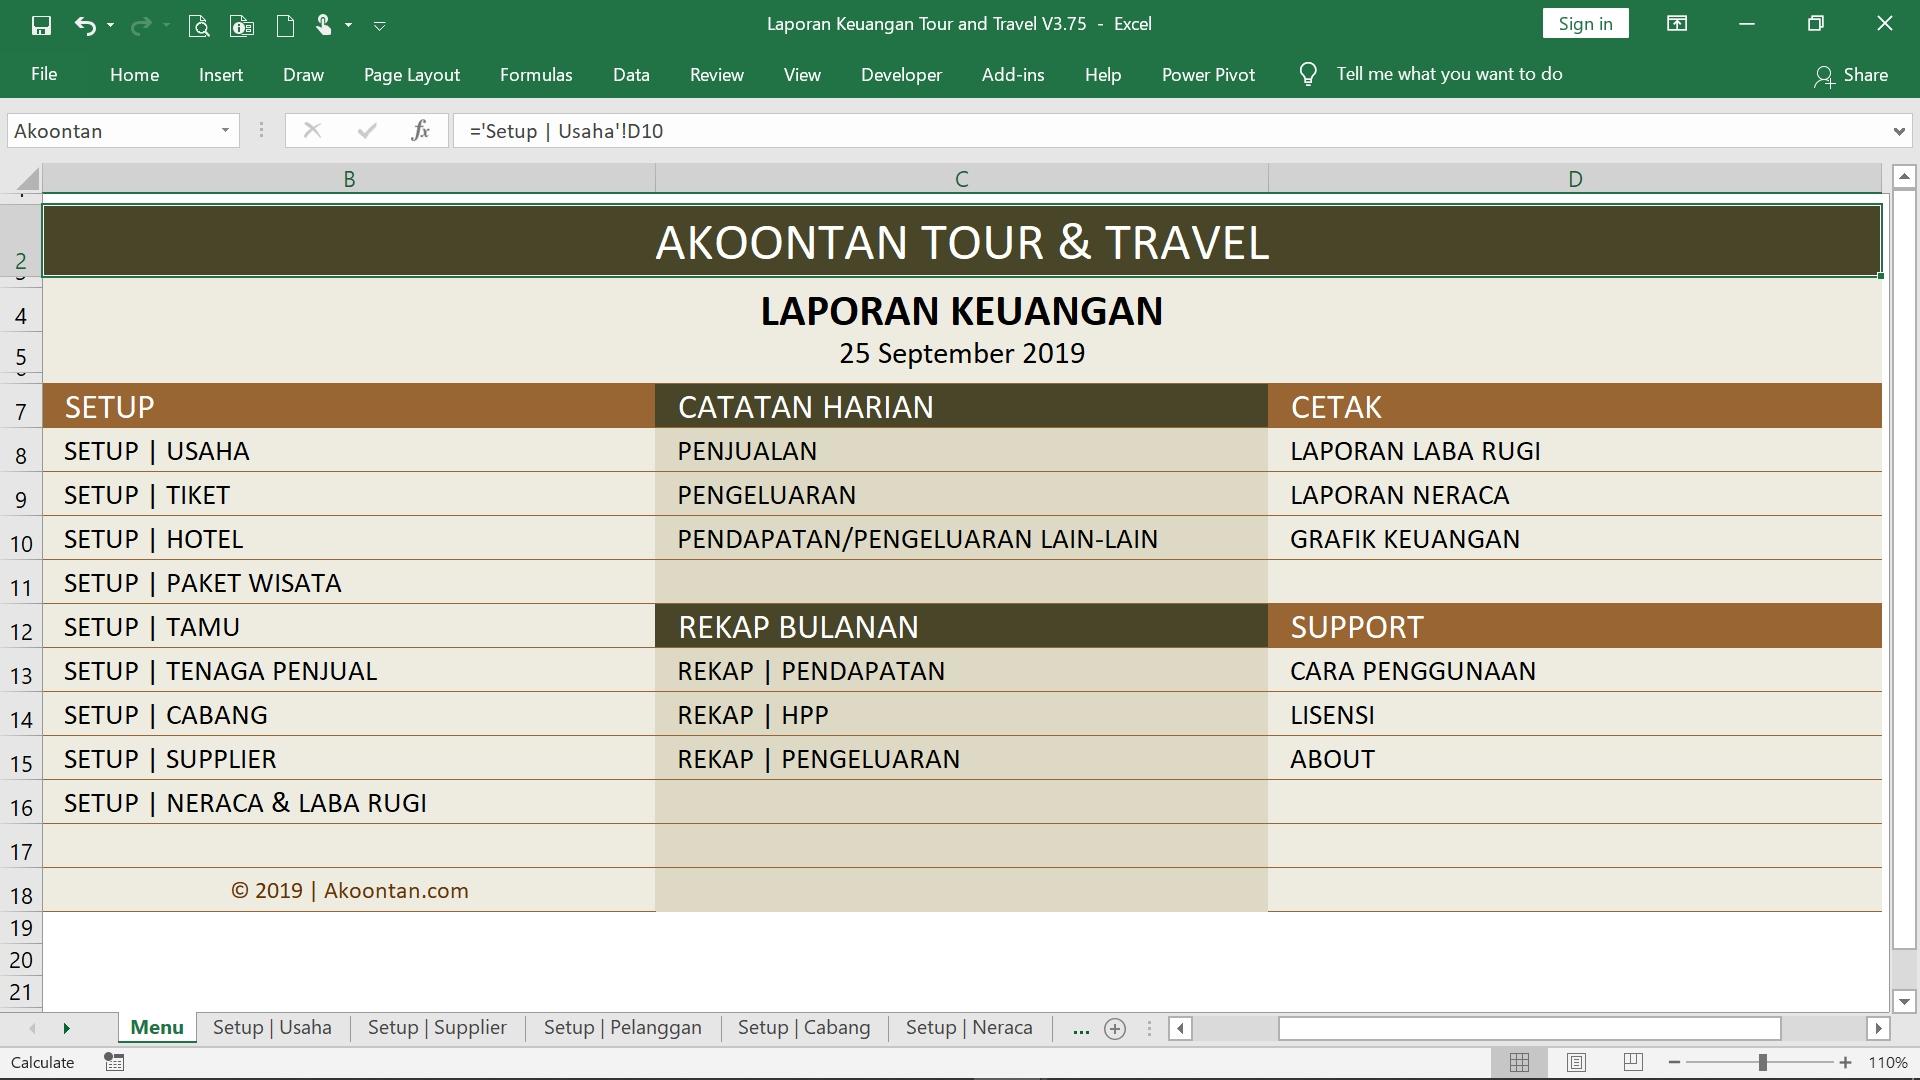 Ak026 Aw Xl Laporan Keuangan Tour Travel Akoontan